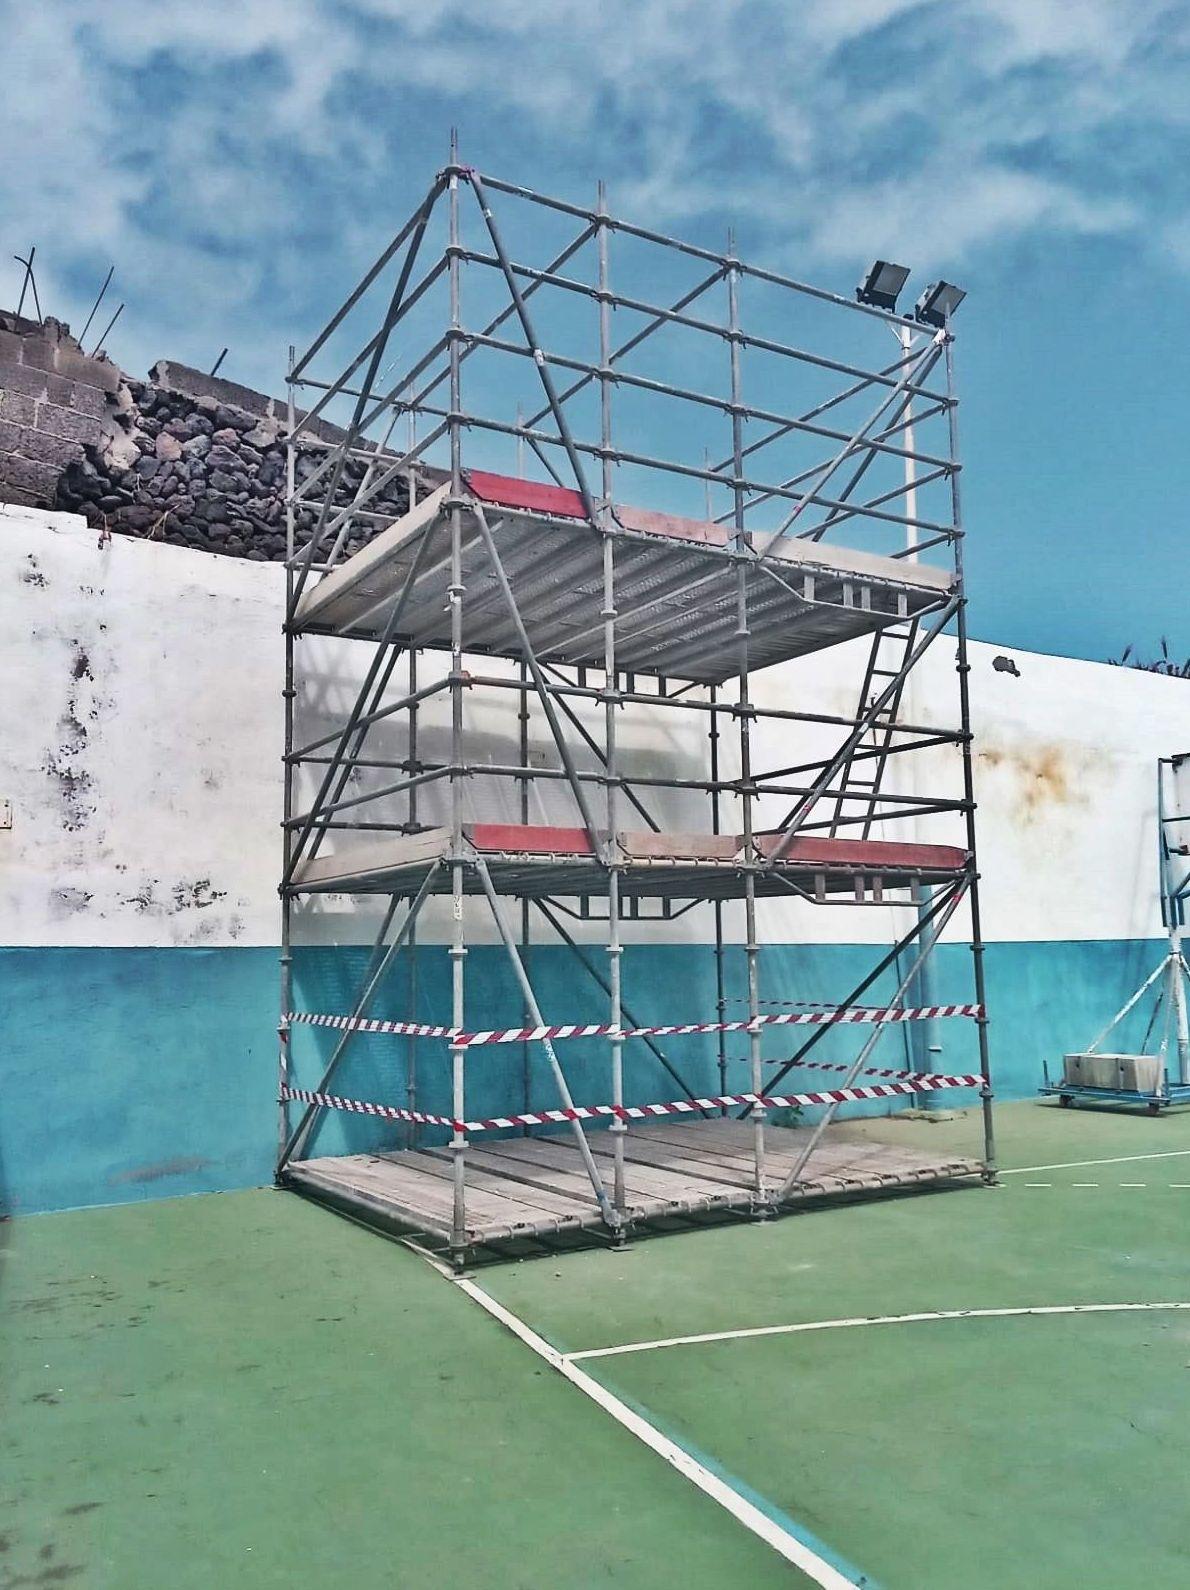 Estructura para la realización de trabajos en altura. San Juan de la Rambla.